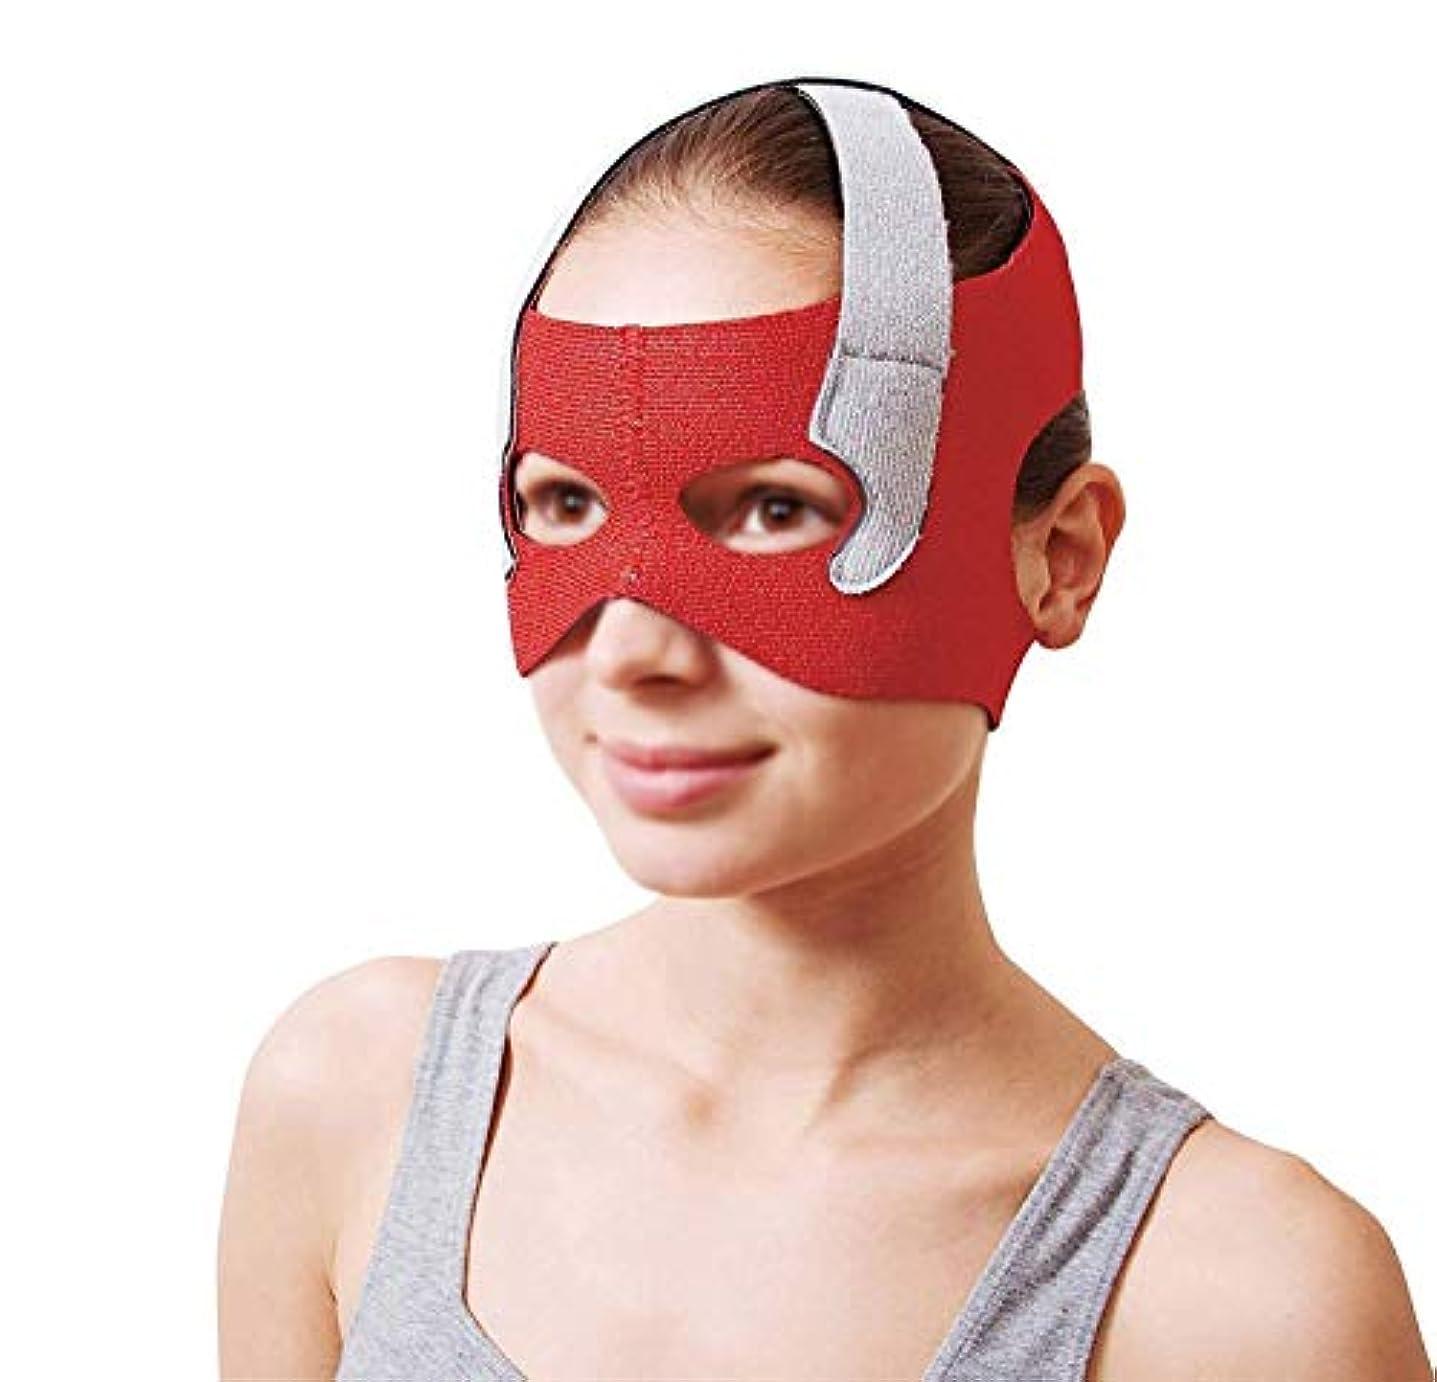 反乱ペルソナレイプフェイスリフトマスク、回復ポスト包帯ヘッドギアフェイスマスク顔薄いフェイスマスクアーティファクト美容ベルト顔と首リフト顔周囲57-68 cm